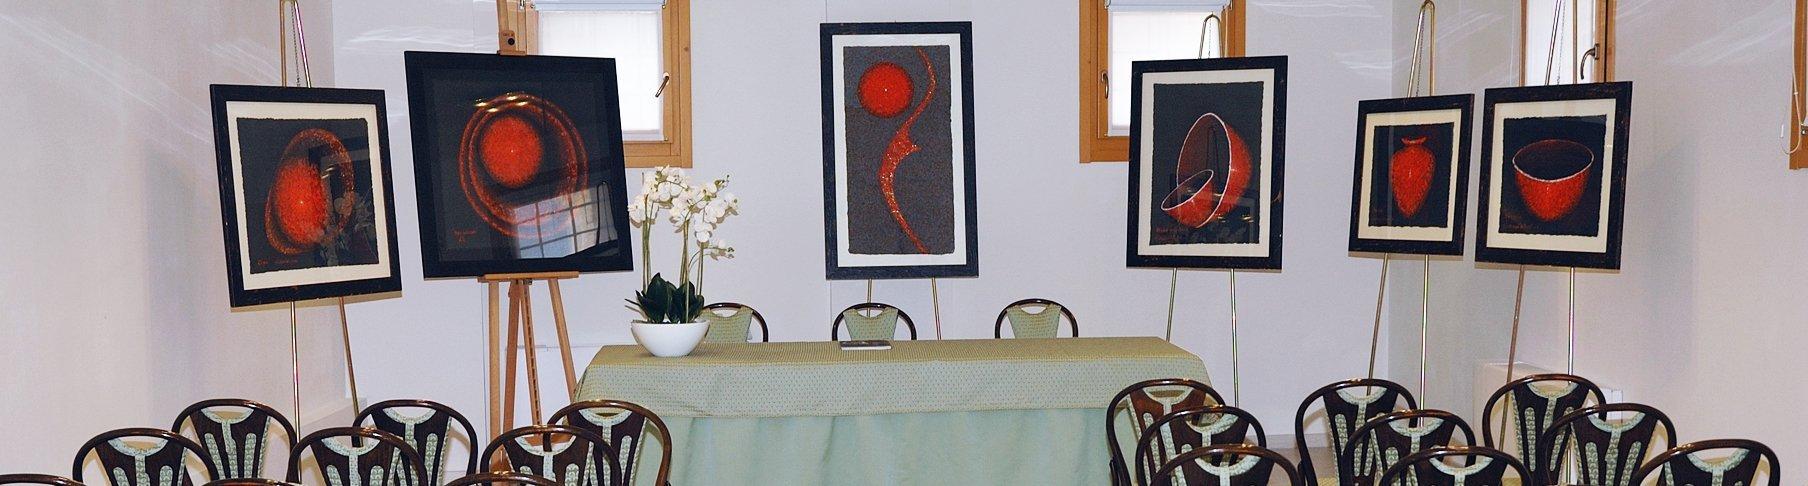 una stanza con delle sedie e dei quadri esposti